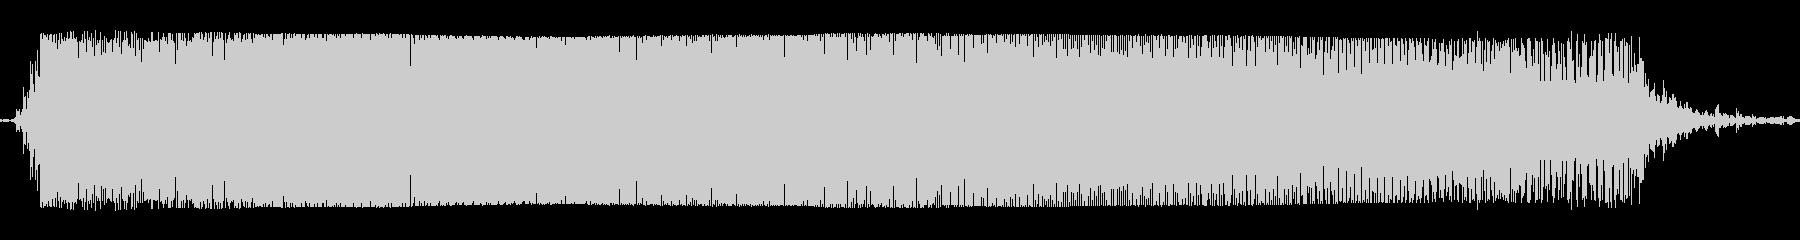 ギターメタルパワーコードzzbの未再生の波形